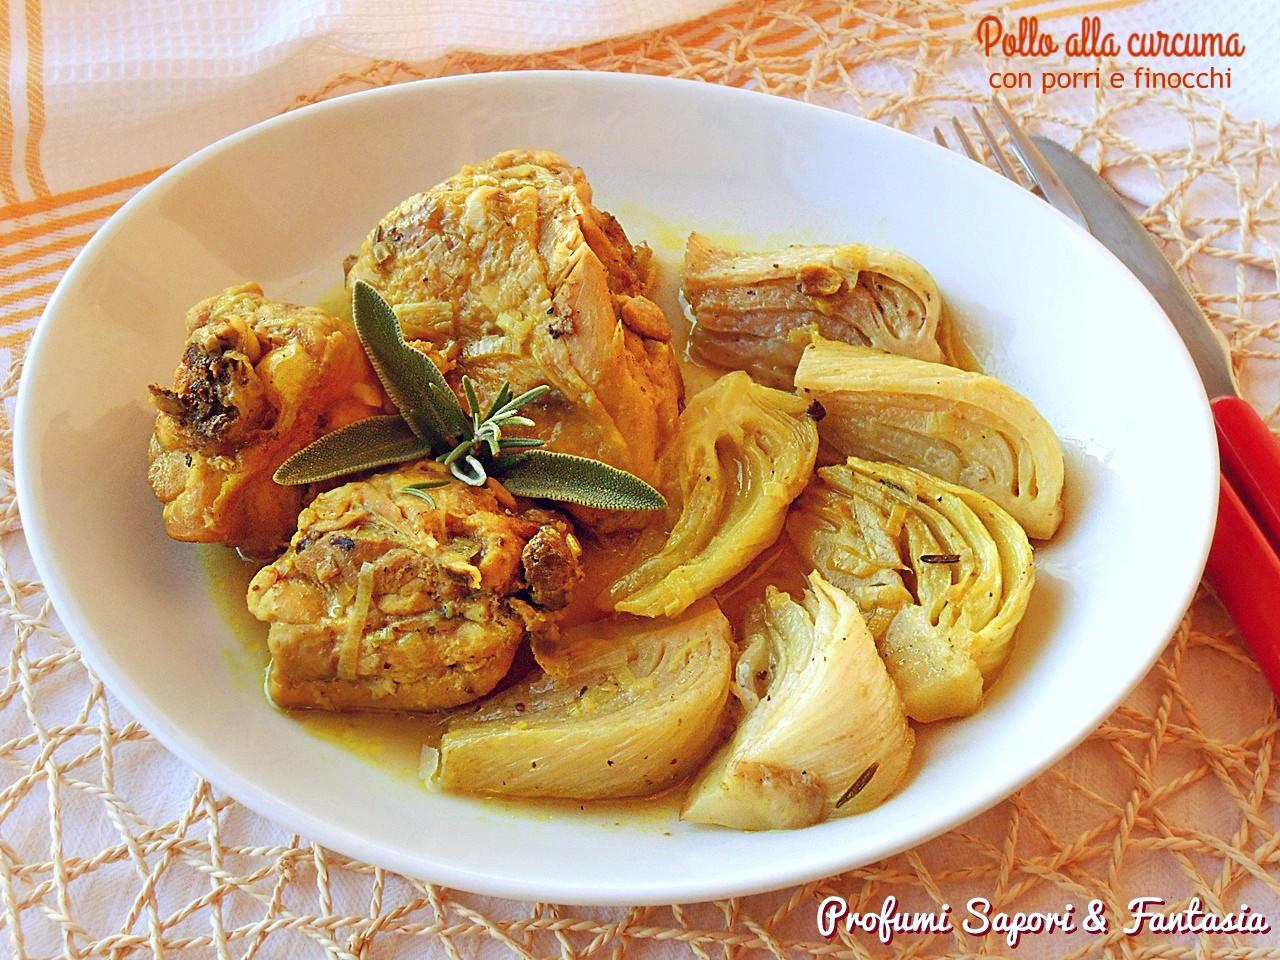 Pollo alla curcuma con porri e finocchi